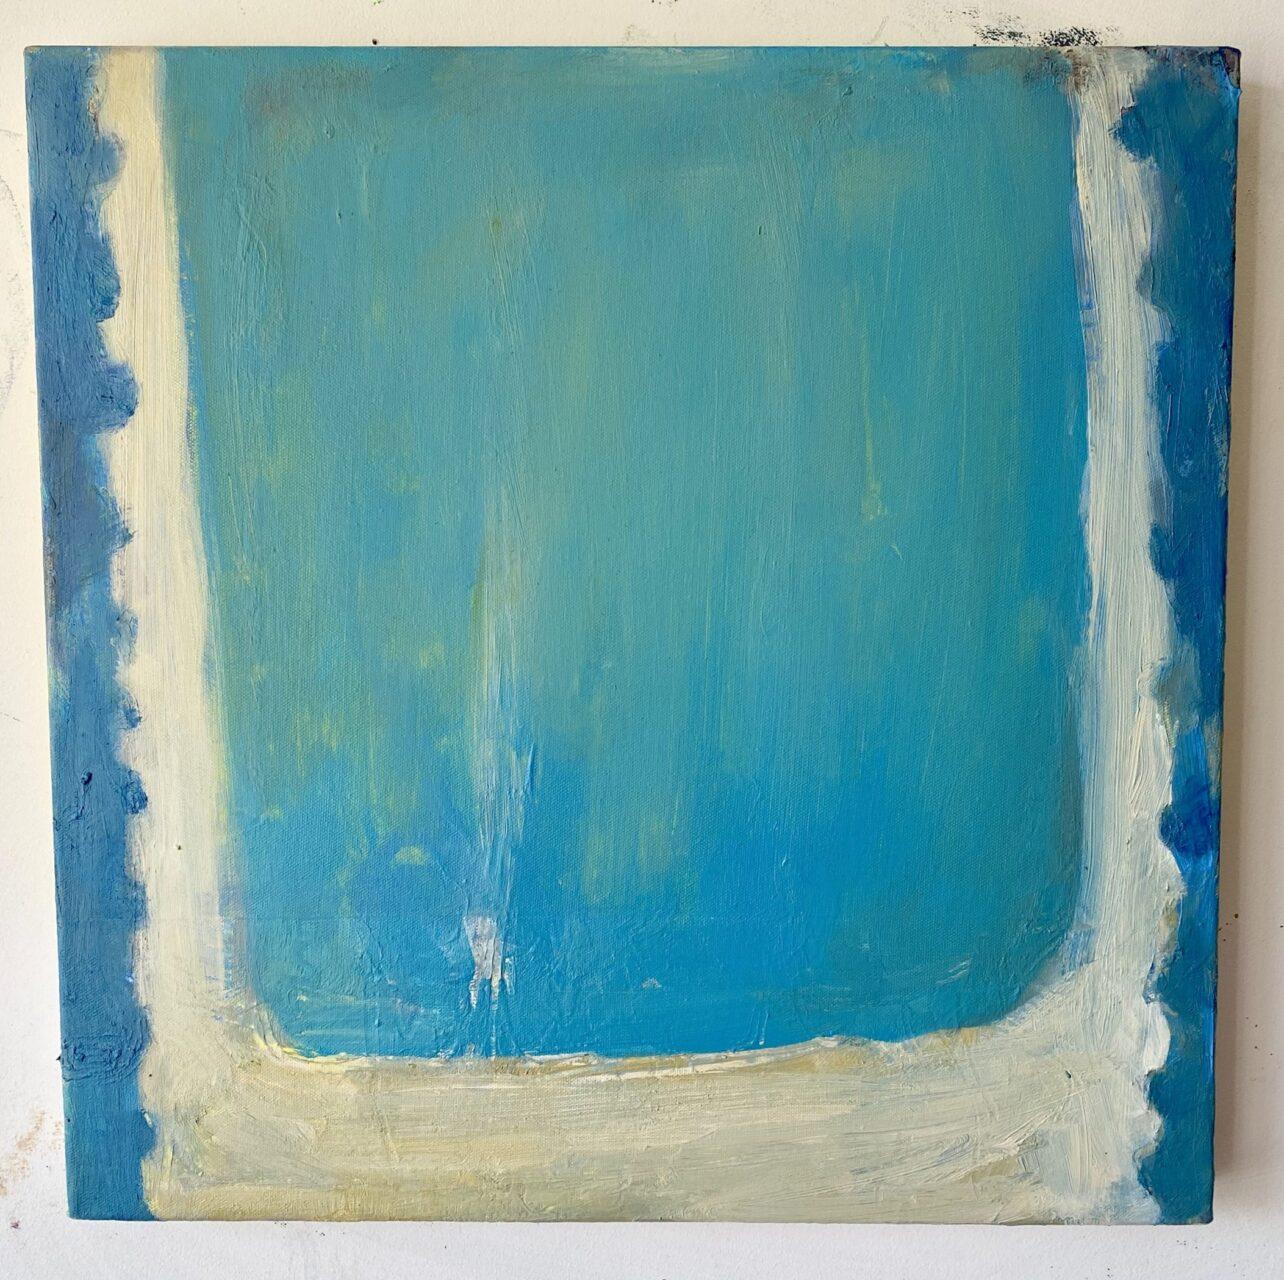 Blue bath, cold heart acrylic and oil on canvas 50x50cm